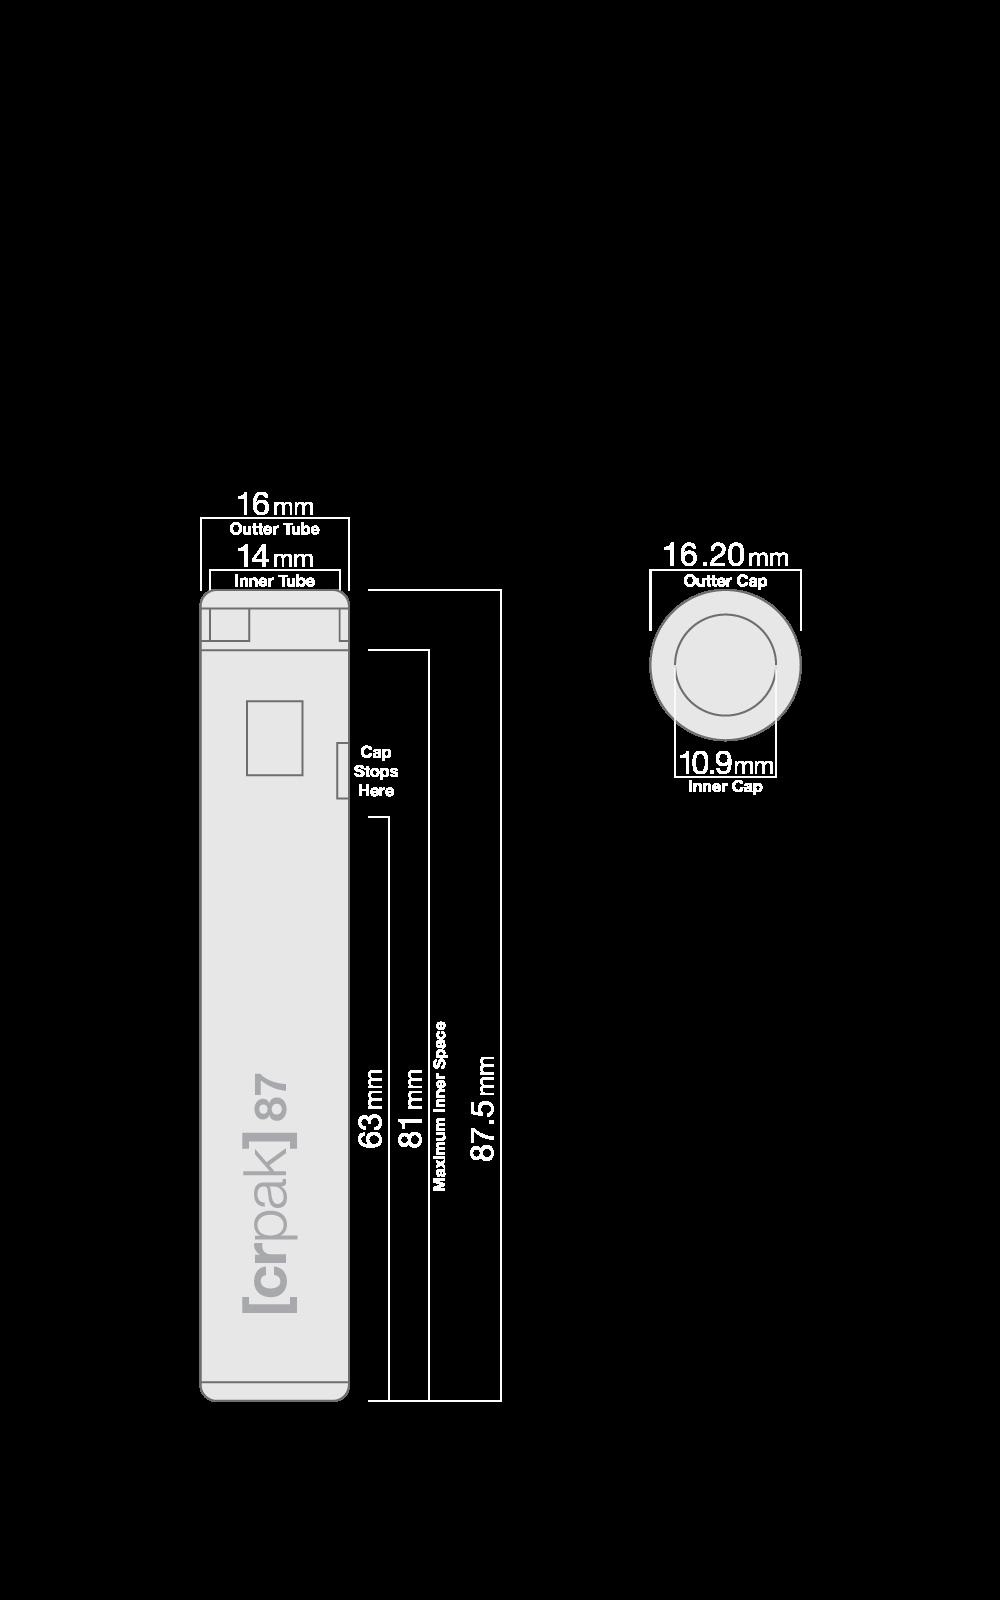 crpak-tube-87_Meas.png